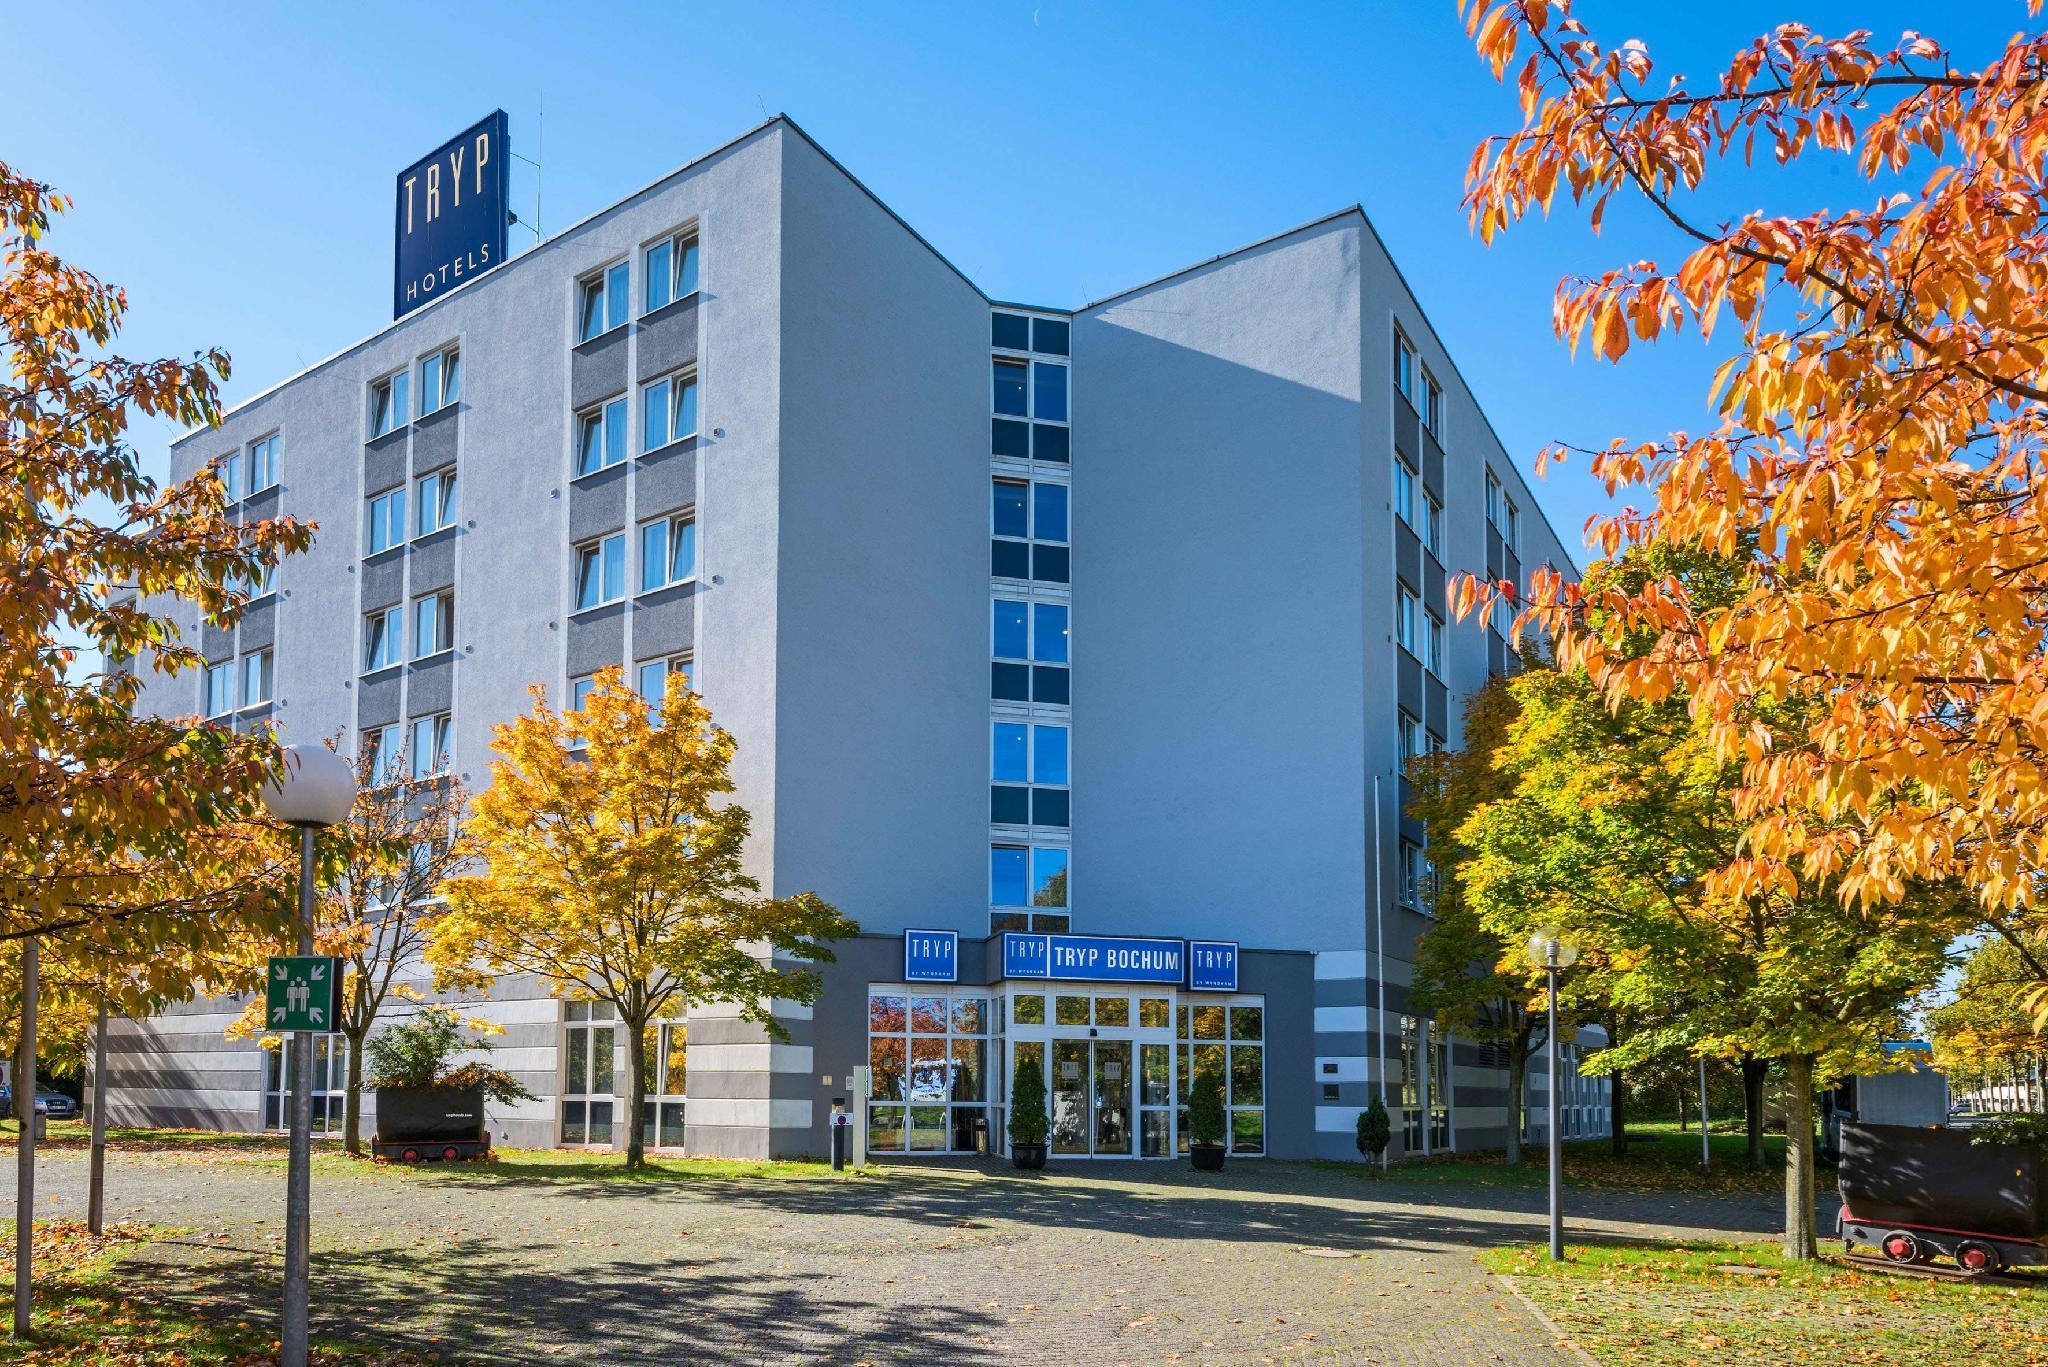 TRYP Hotel Bochum